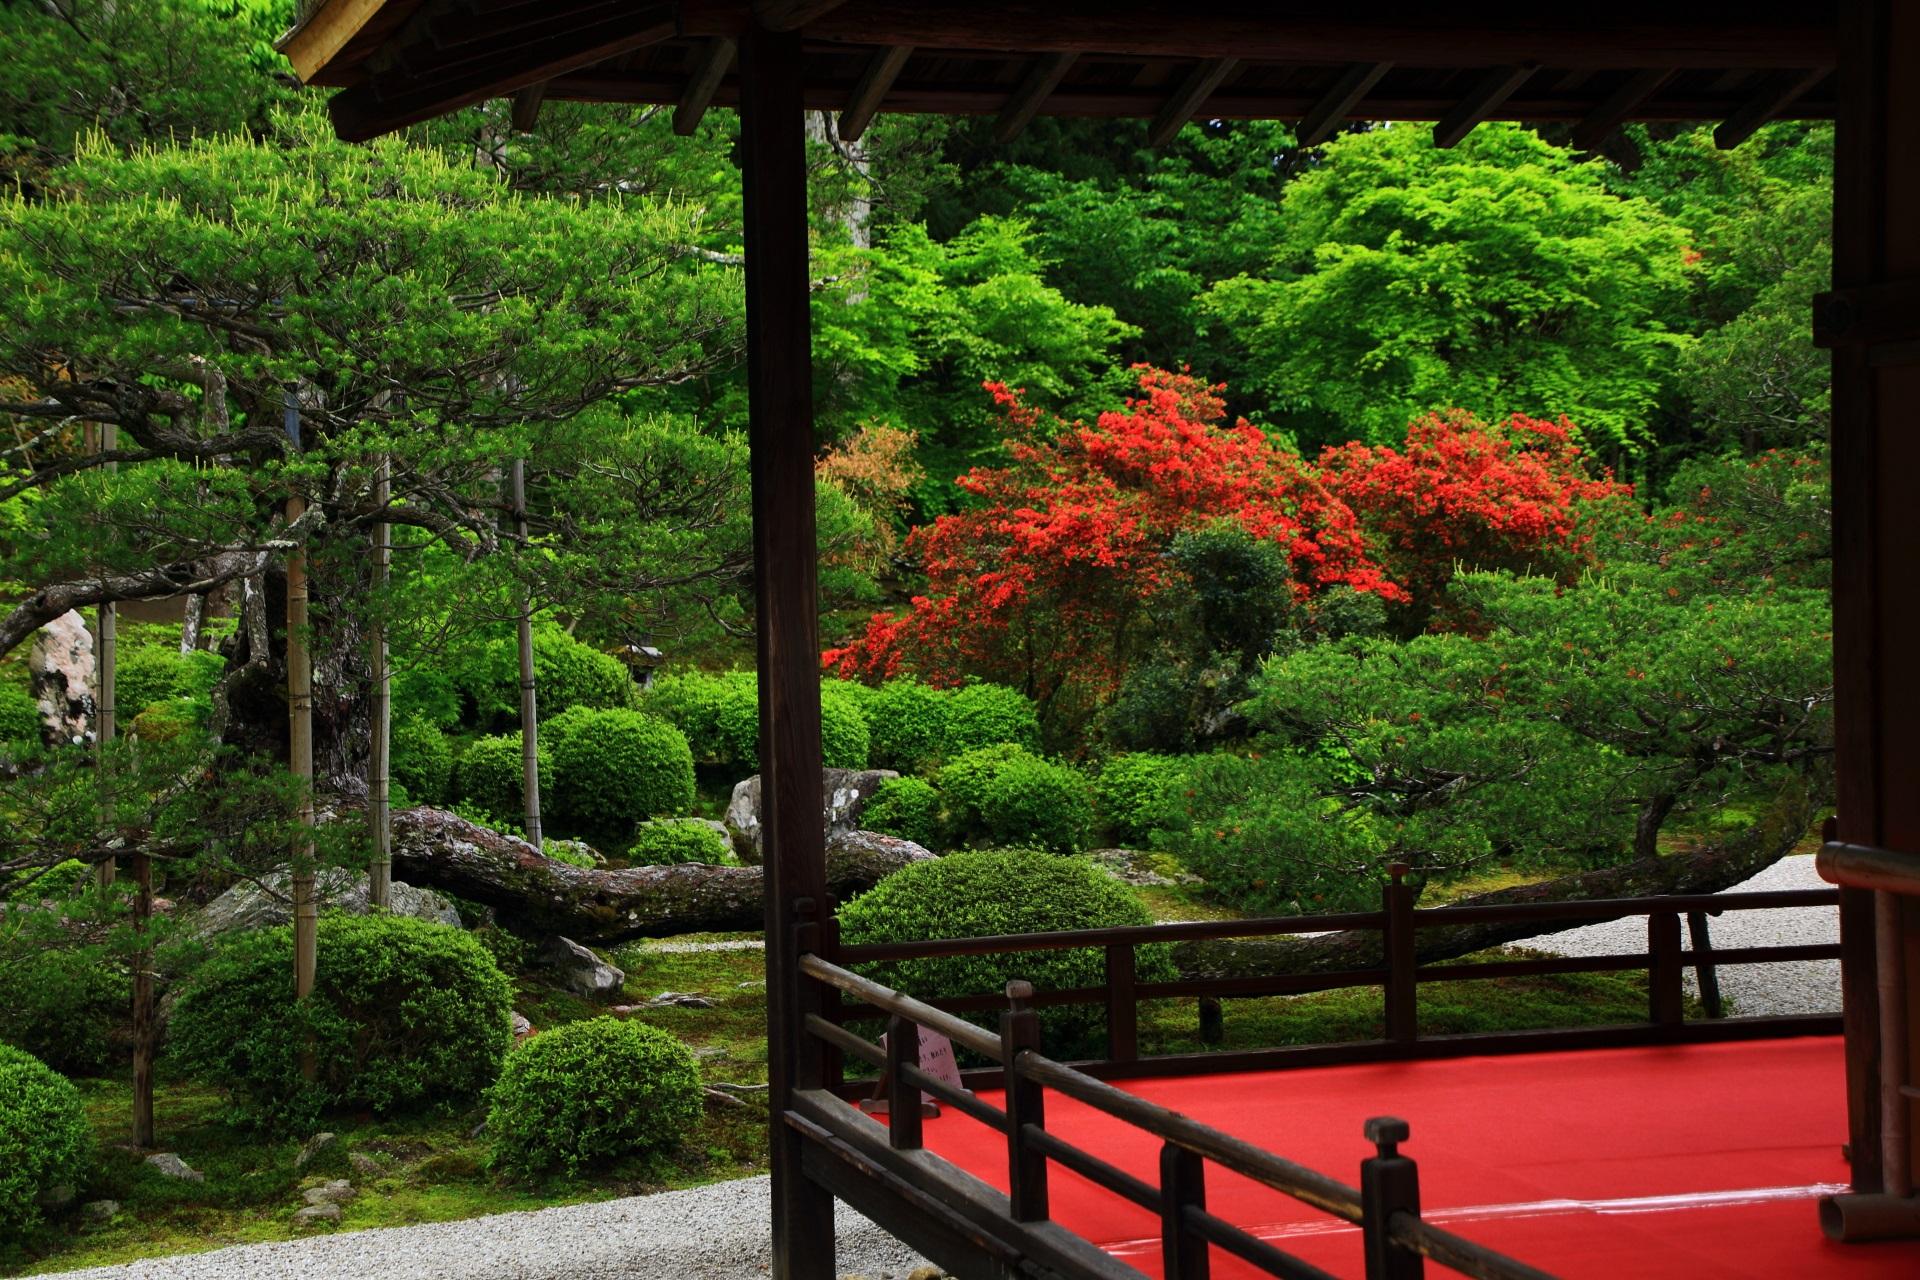 松や新緑や刈り込みなどの深い緑の中で煌く赤いツツジ